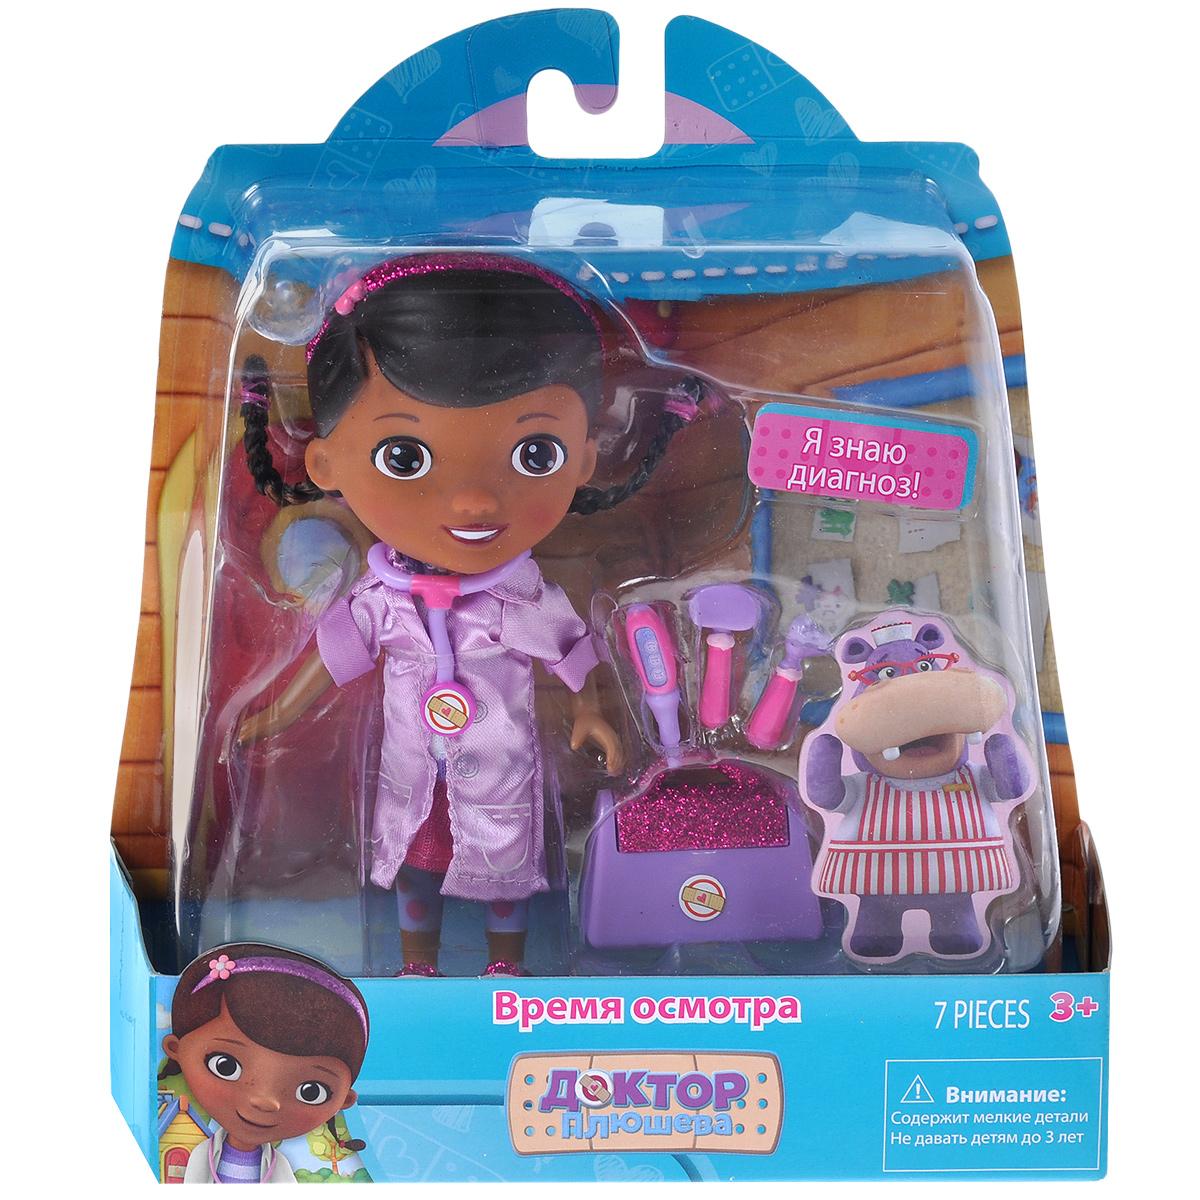 Доктор Плюшева Игровой набор с куклой Время осмотра цвет халата сиреневый veld co игровой набор с куклой детский доктор